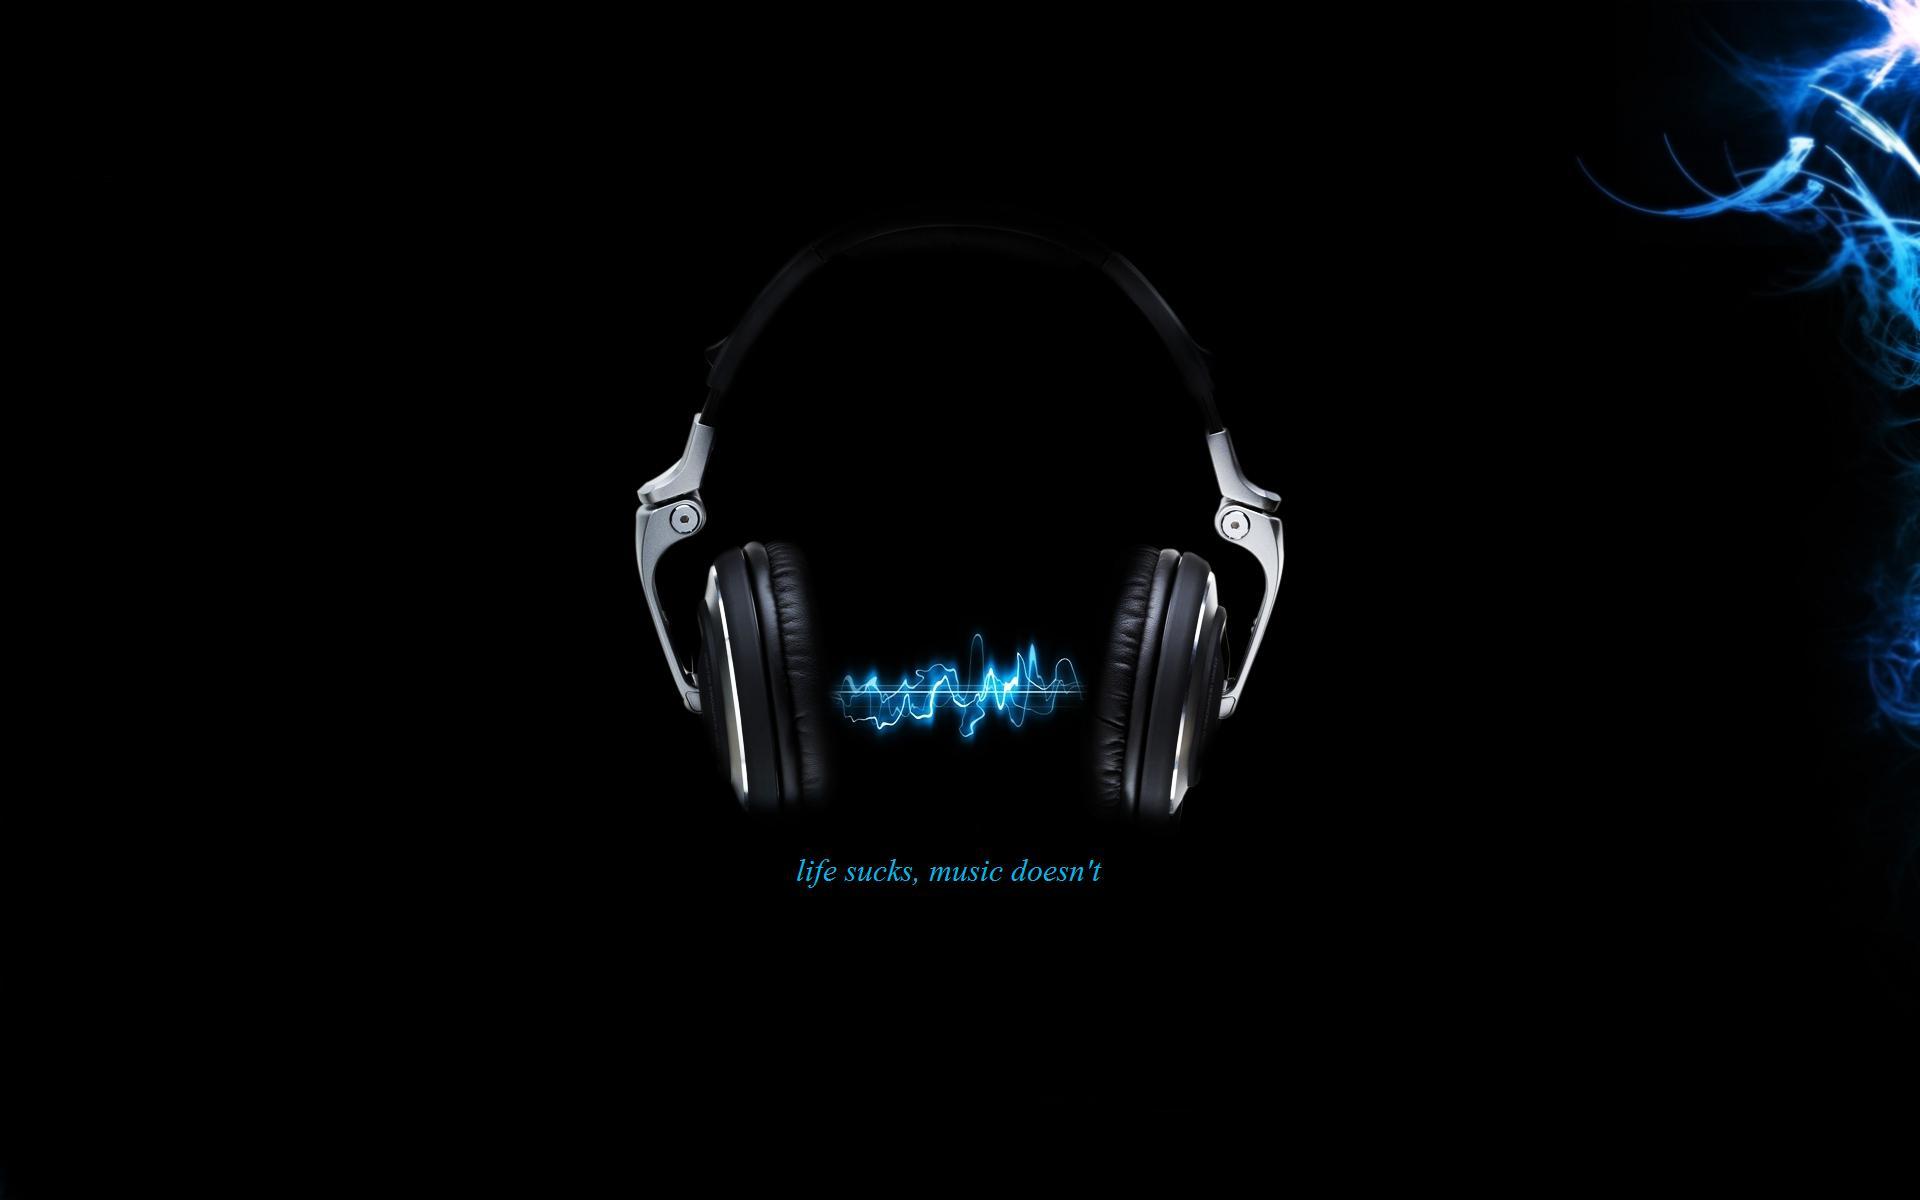 Musik - Hörlurar  Pop Musik Bakgrund